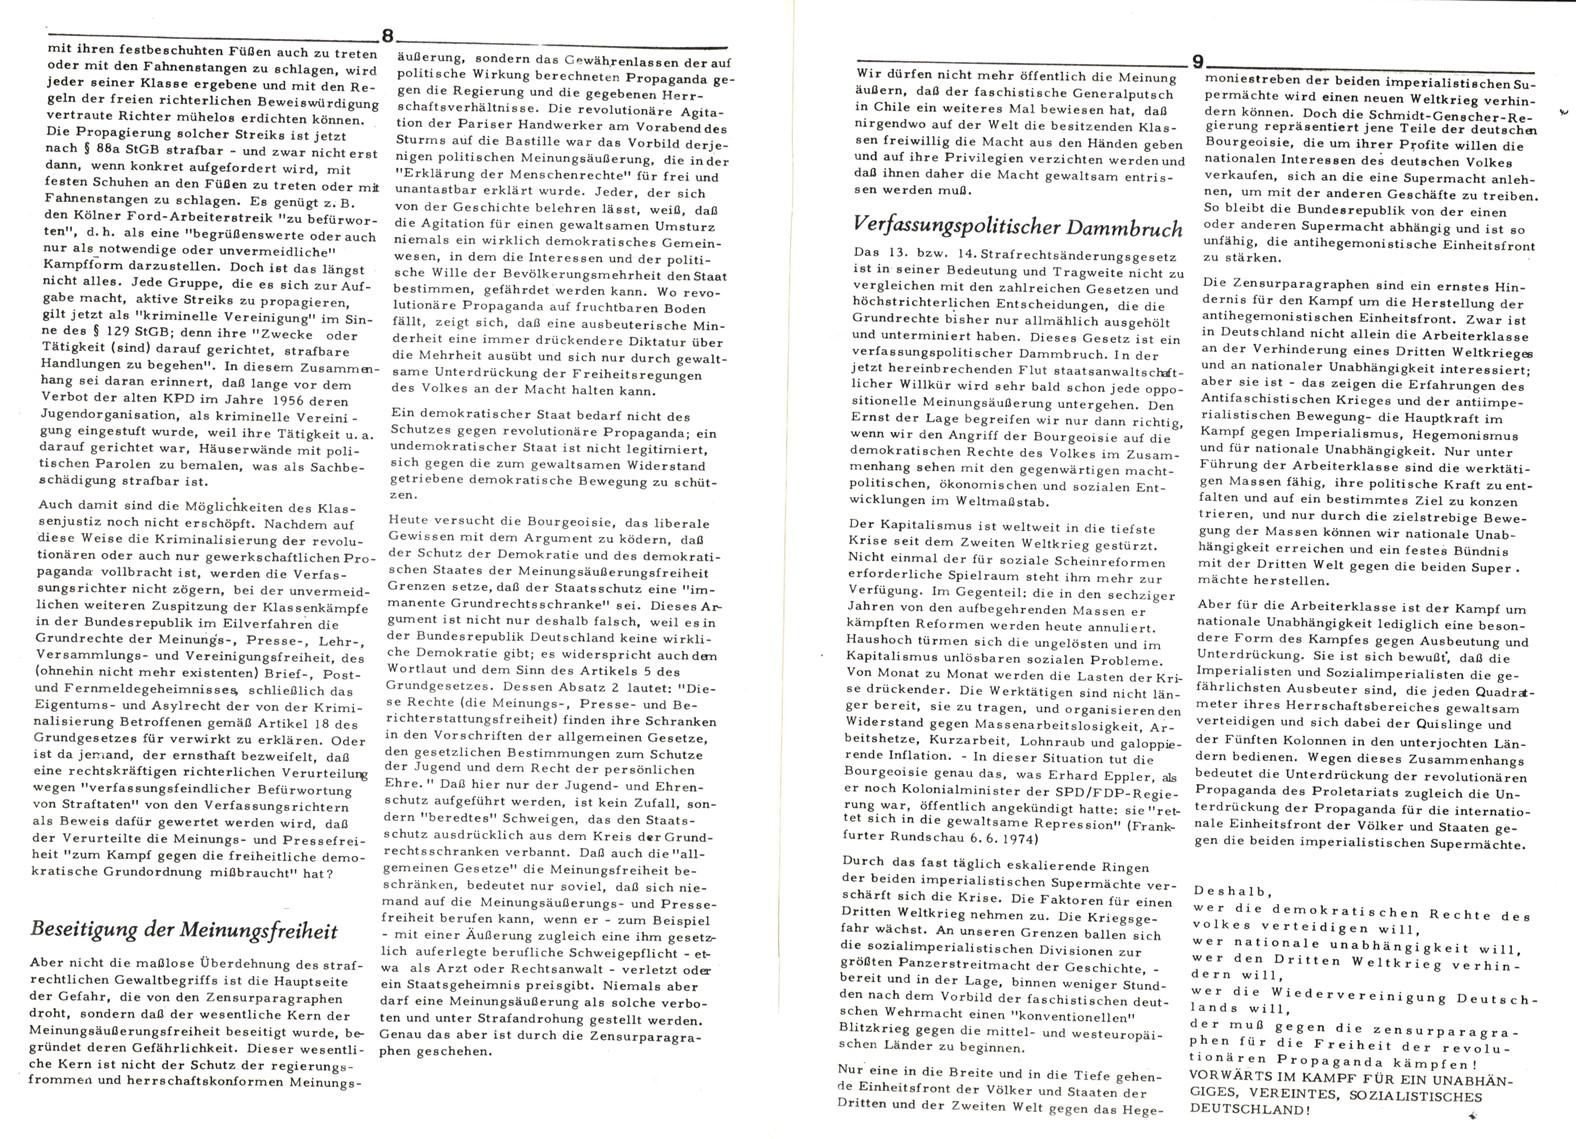 VSK_Kaempfende_Kunst_19760200_Sonderdruck_05